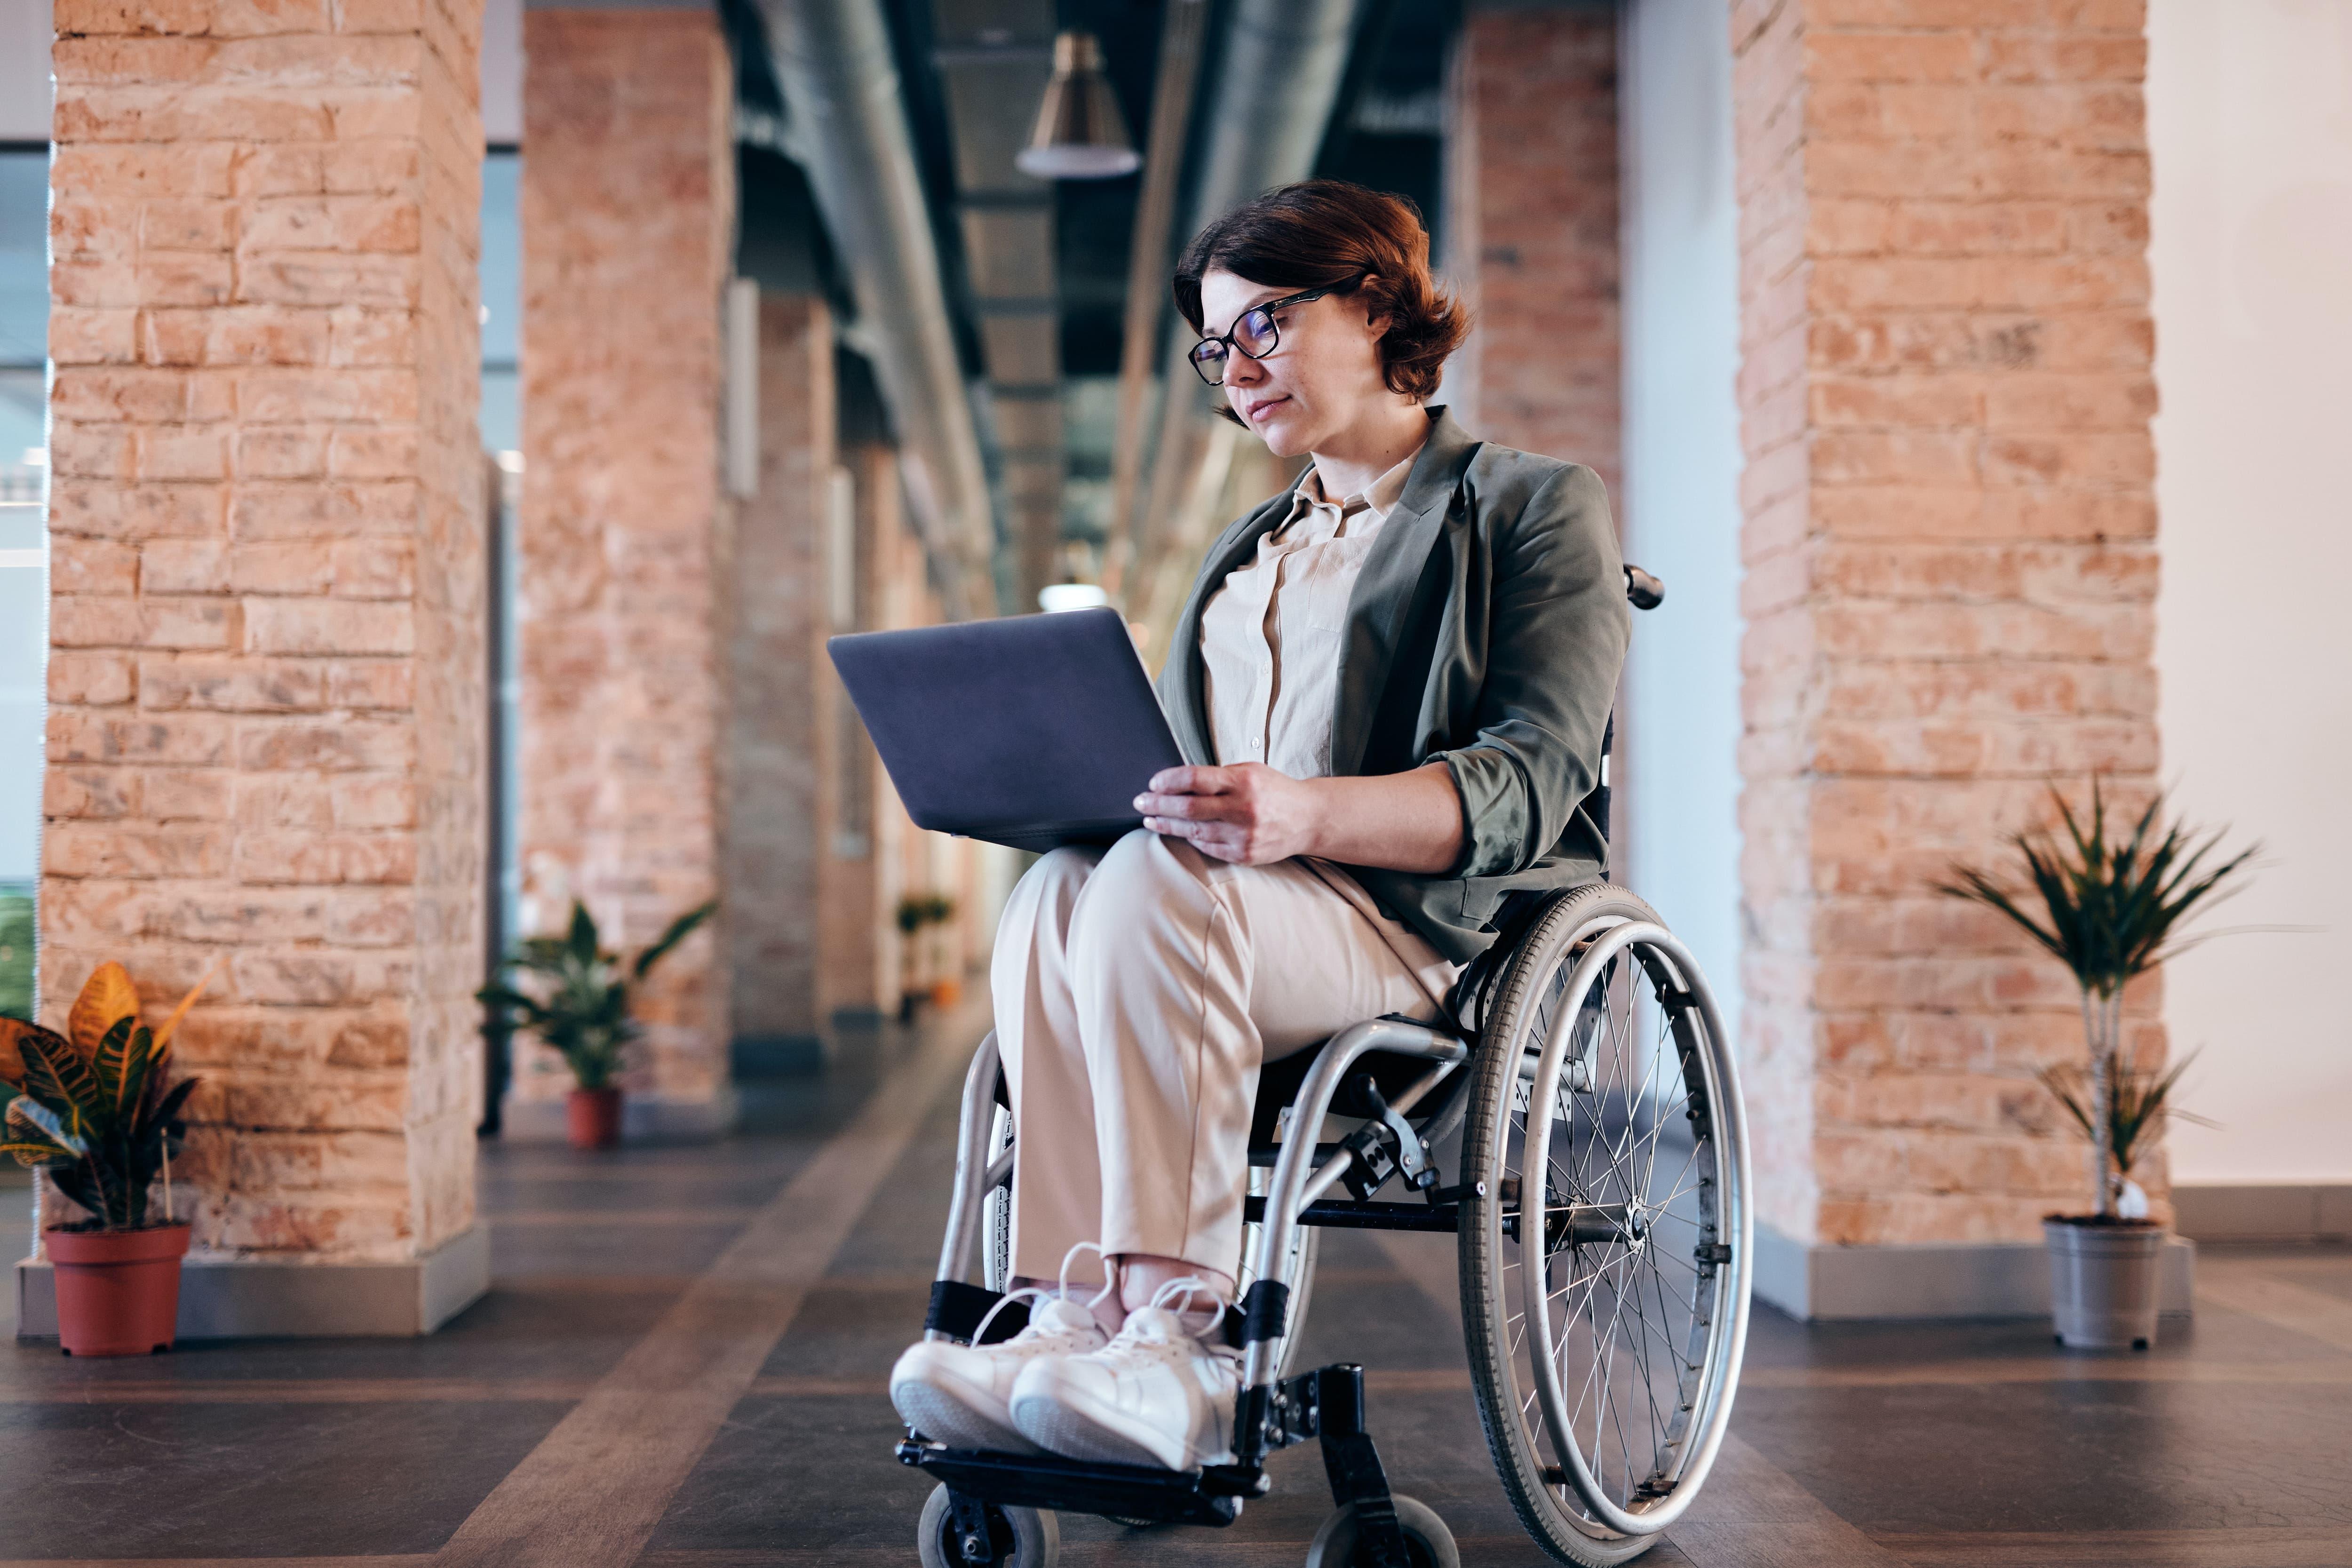 Studie: Frauen mit Behinderung auf dem Arbeitsmarkt benachteiligt